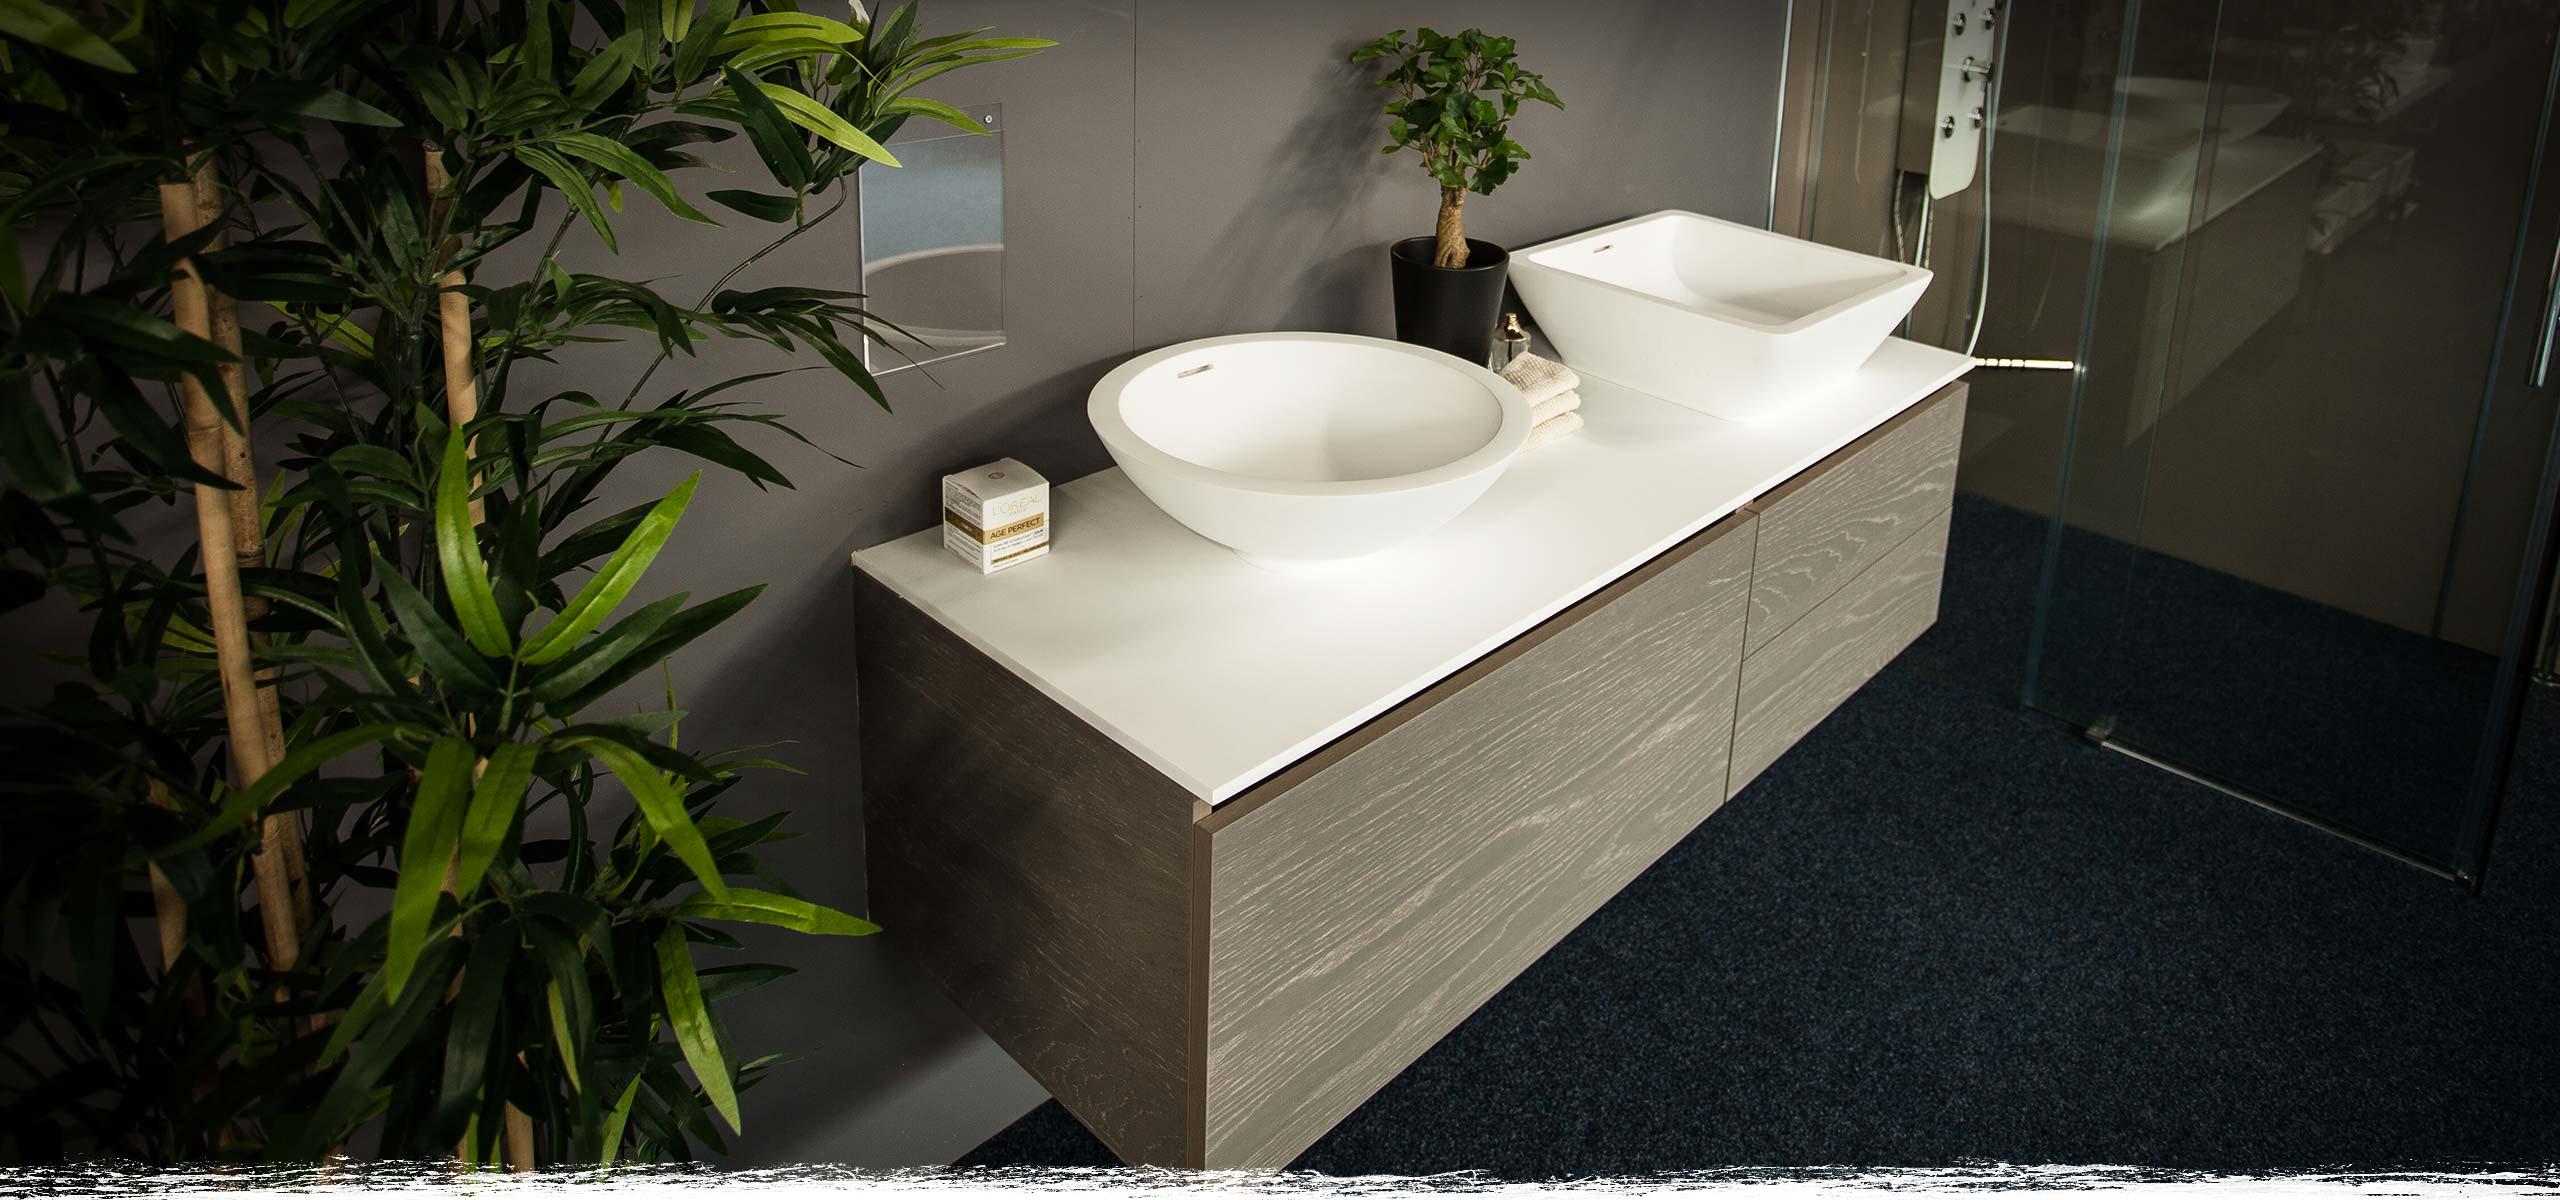 badkamermeubels en spiegelkasten kopen in zoetermeer (den haag) - Weie Badmbel